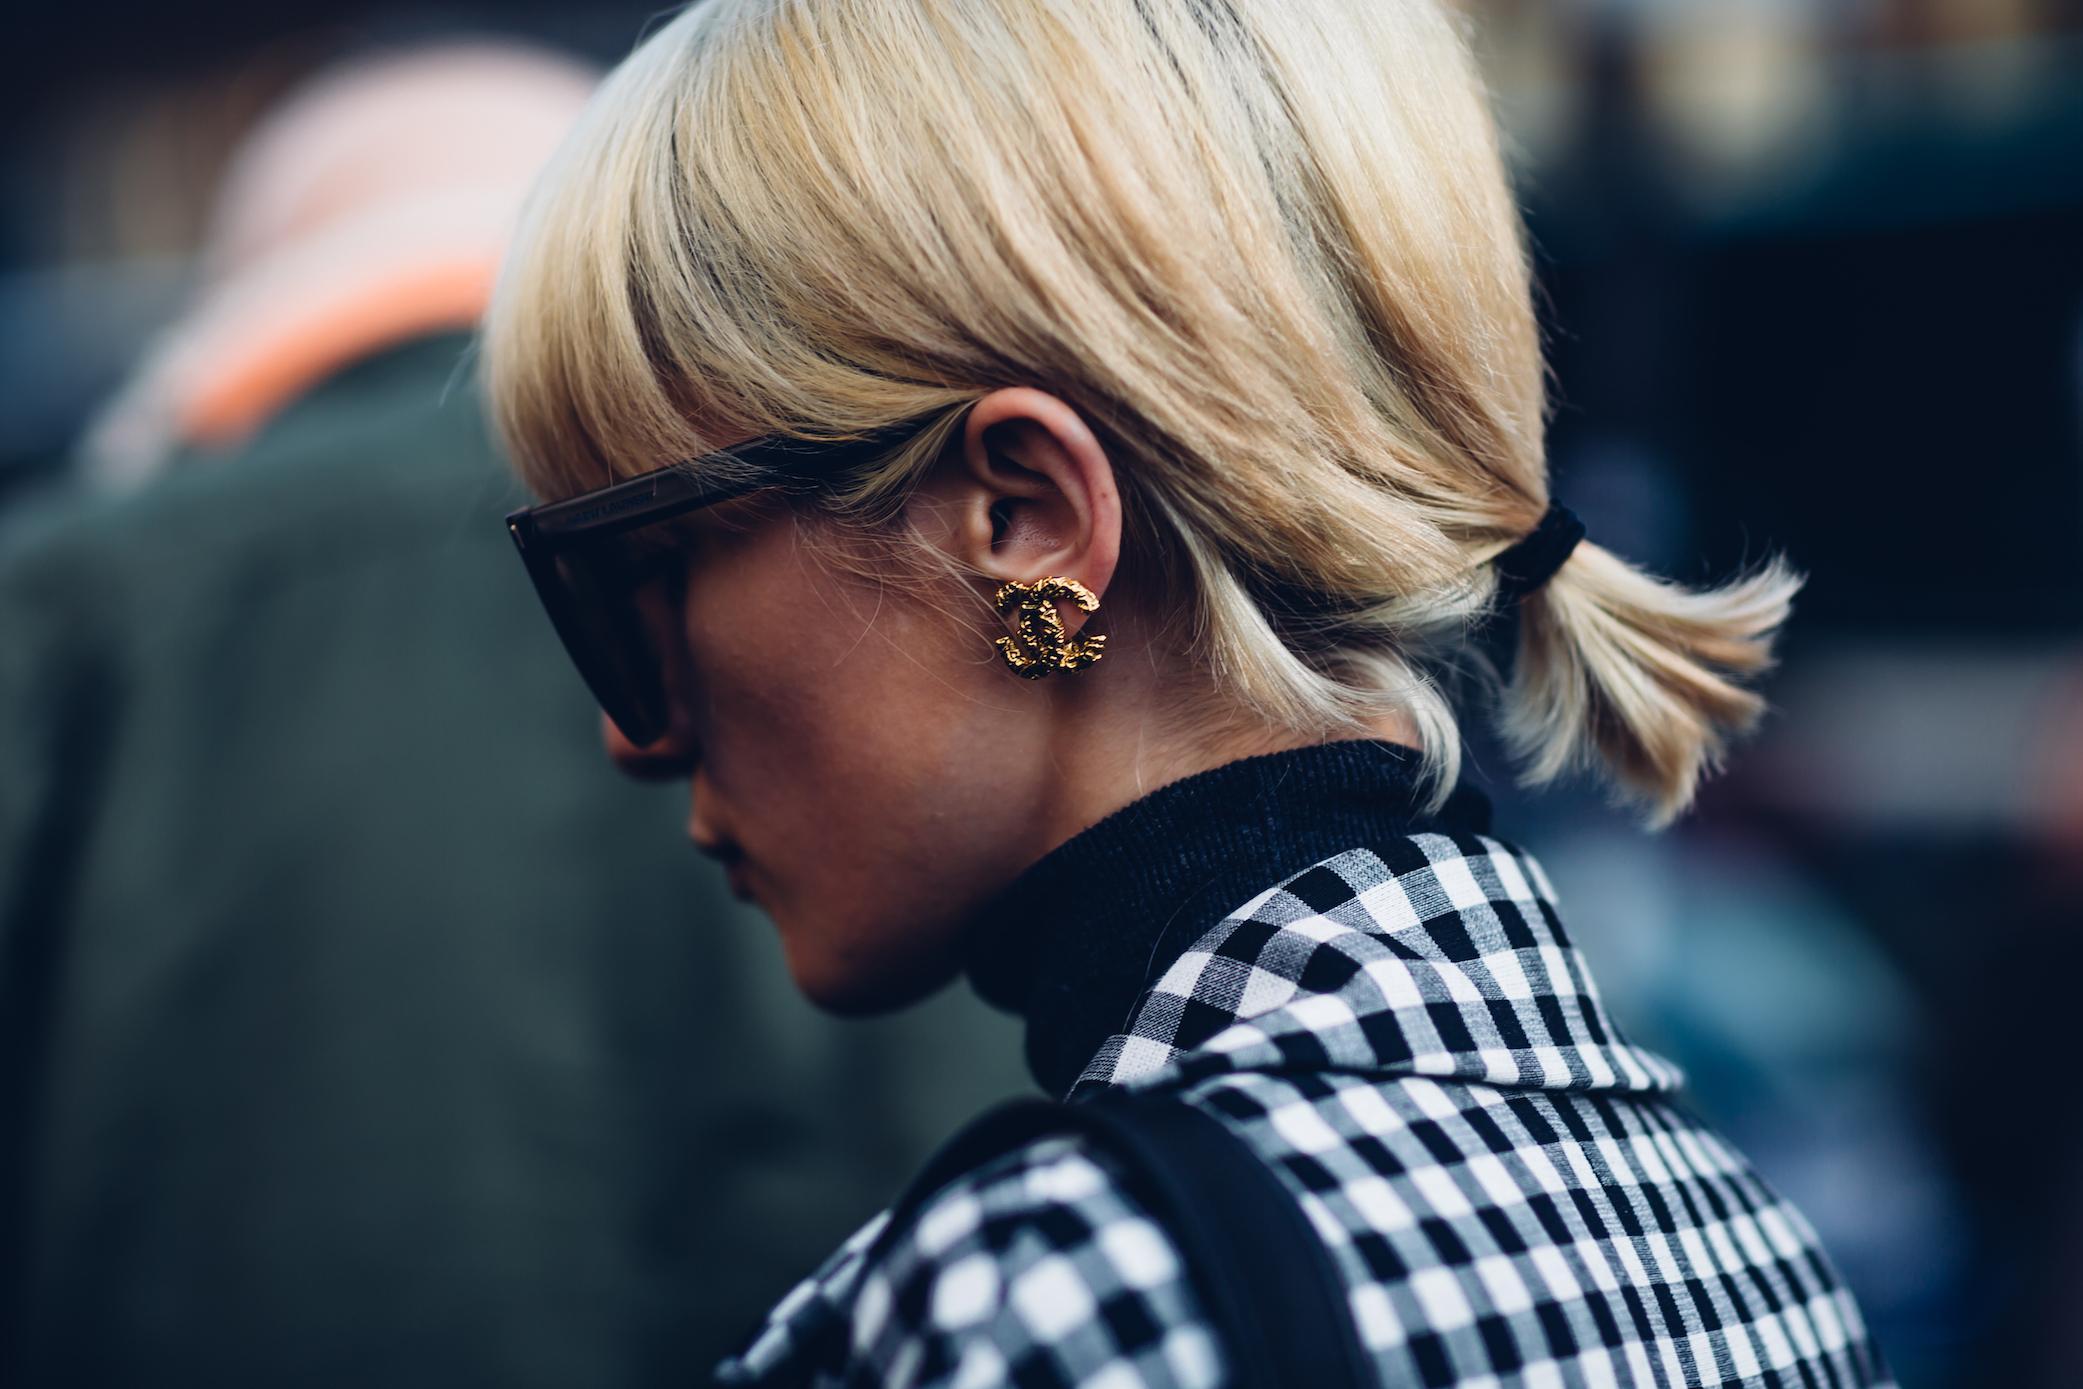 moeez chanel earring closeup streetstyle